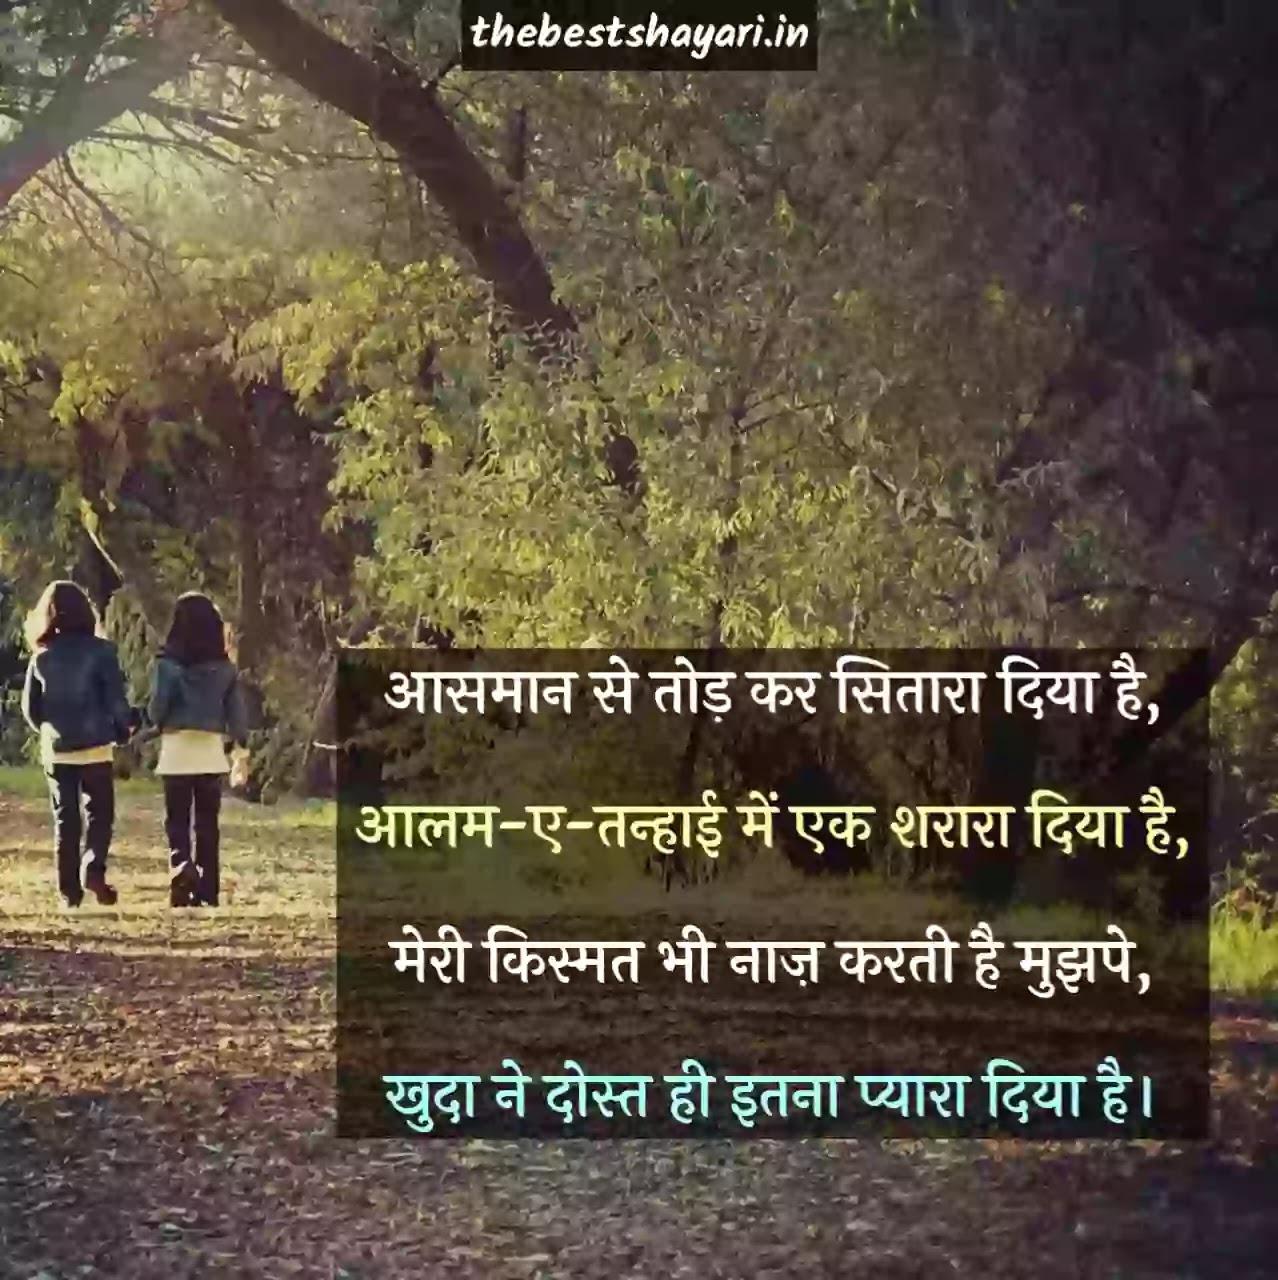 Friendship Day shayari Hindi mai